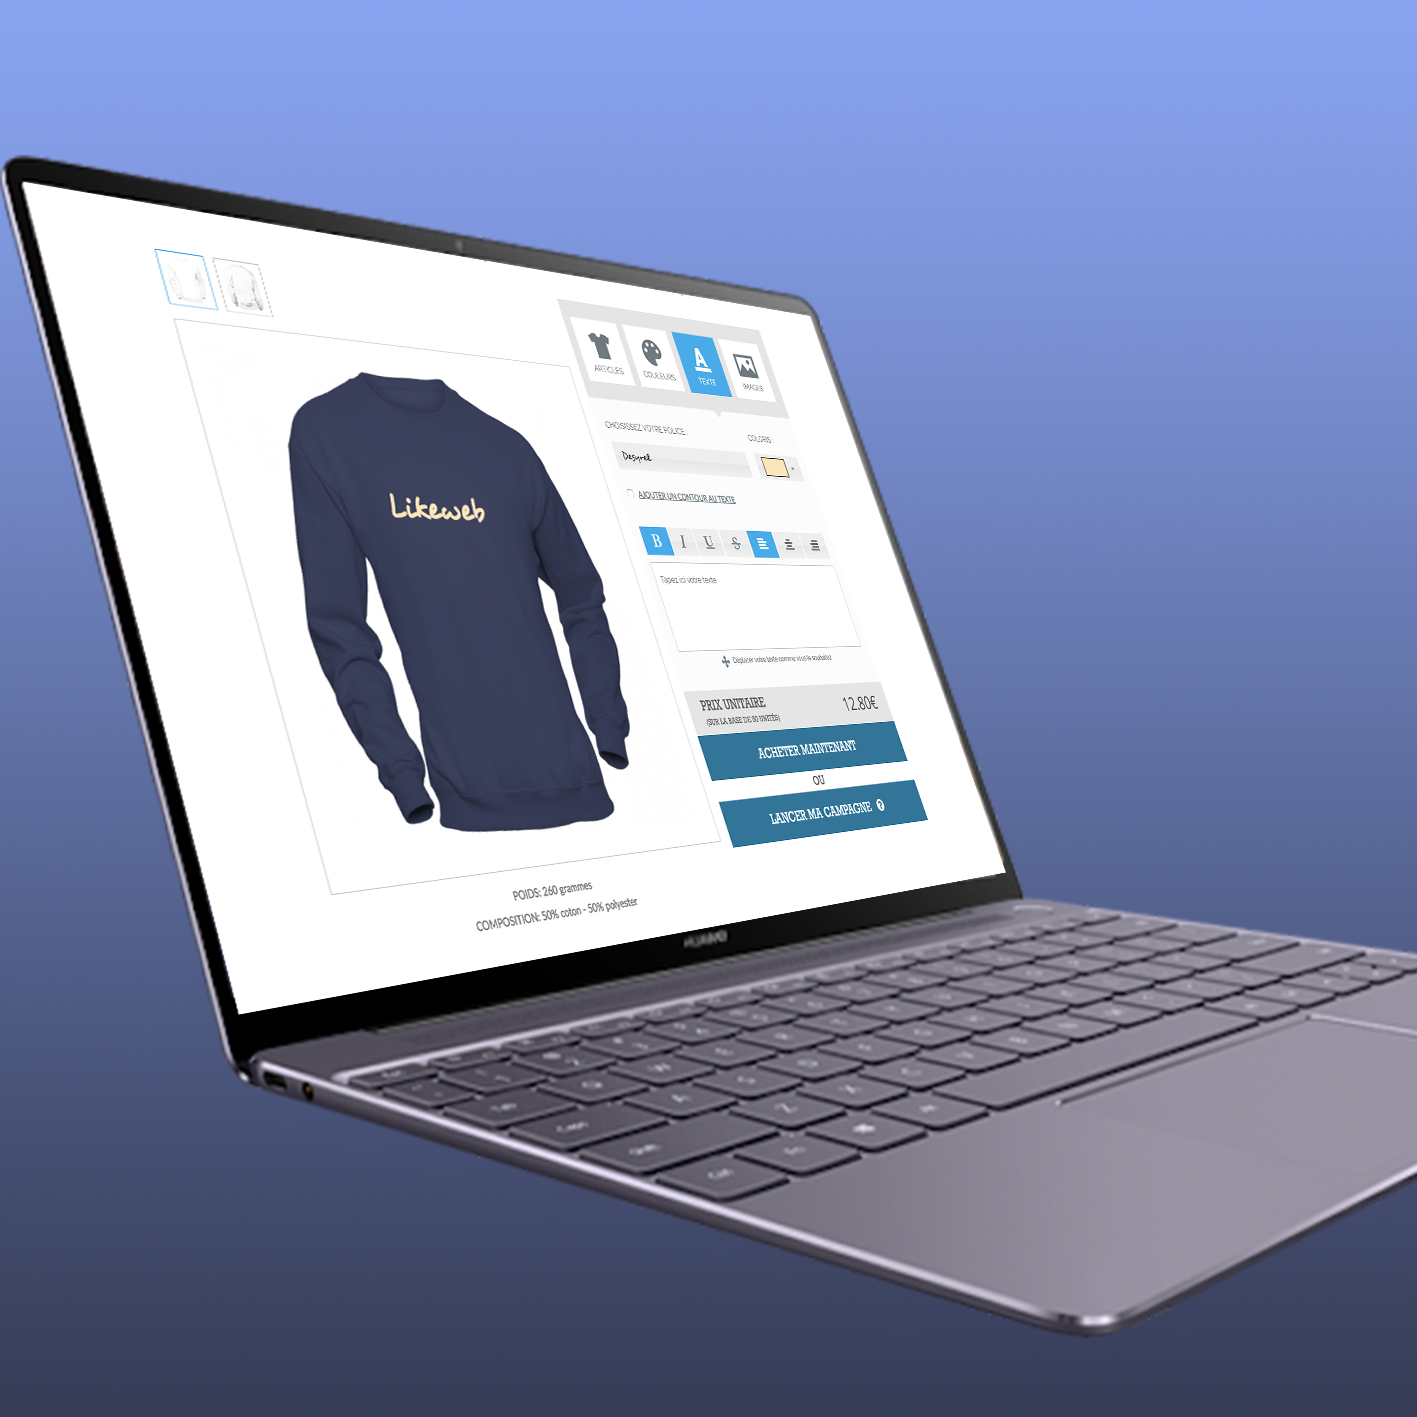 brandbyme studio design likeweb paris développement intégration création agence sur mesure